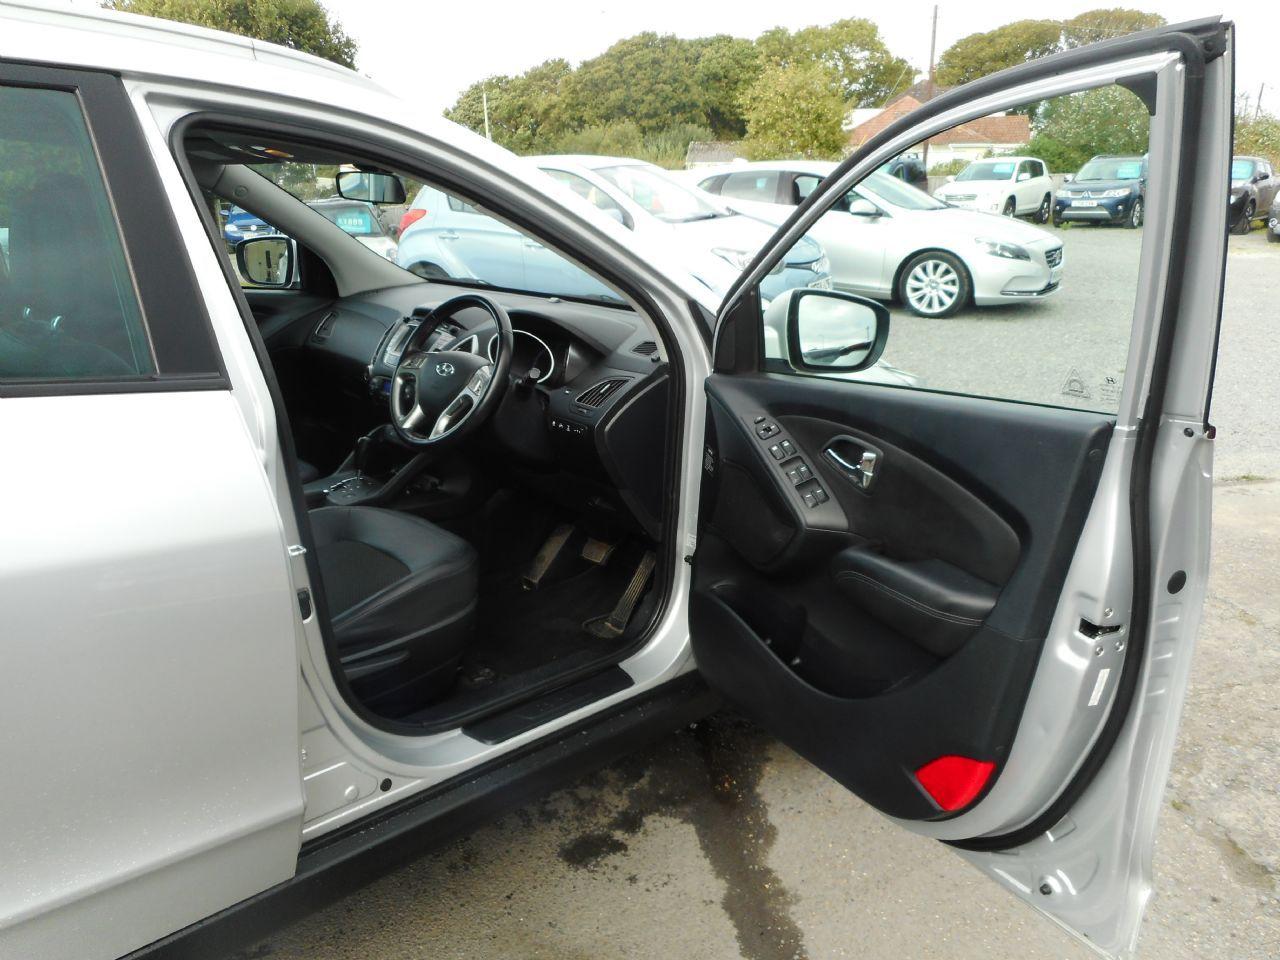 HYUNDAI IX35 2.0 CRDi 4WD Premium Auto (2011) - Picture 10